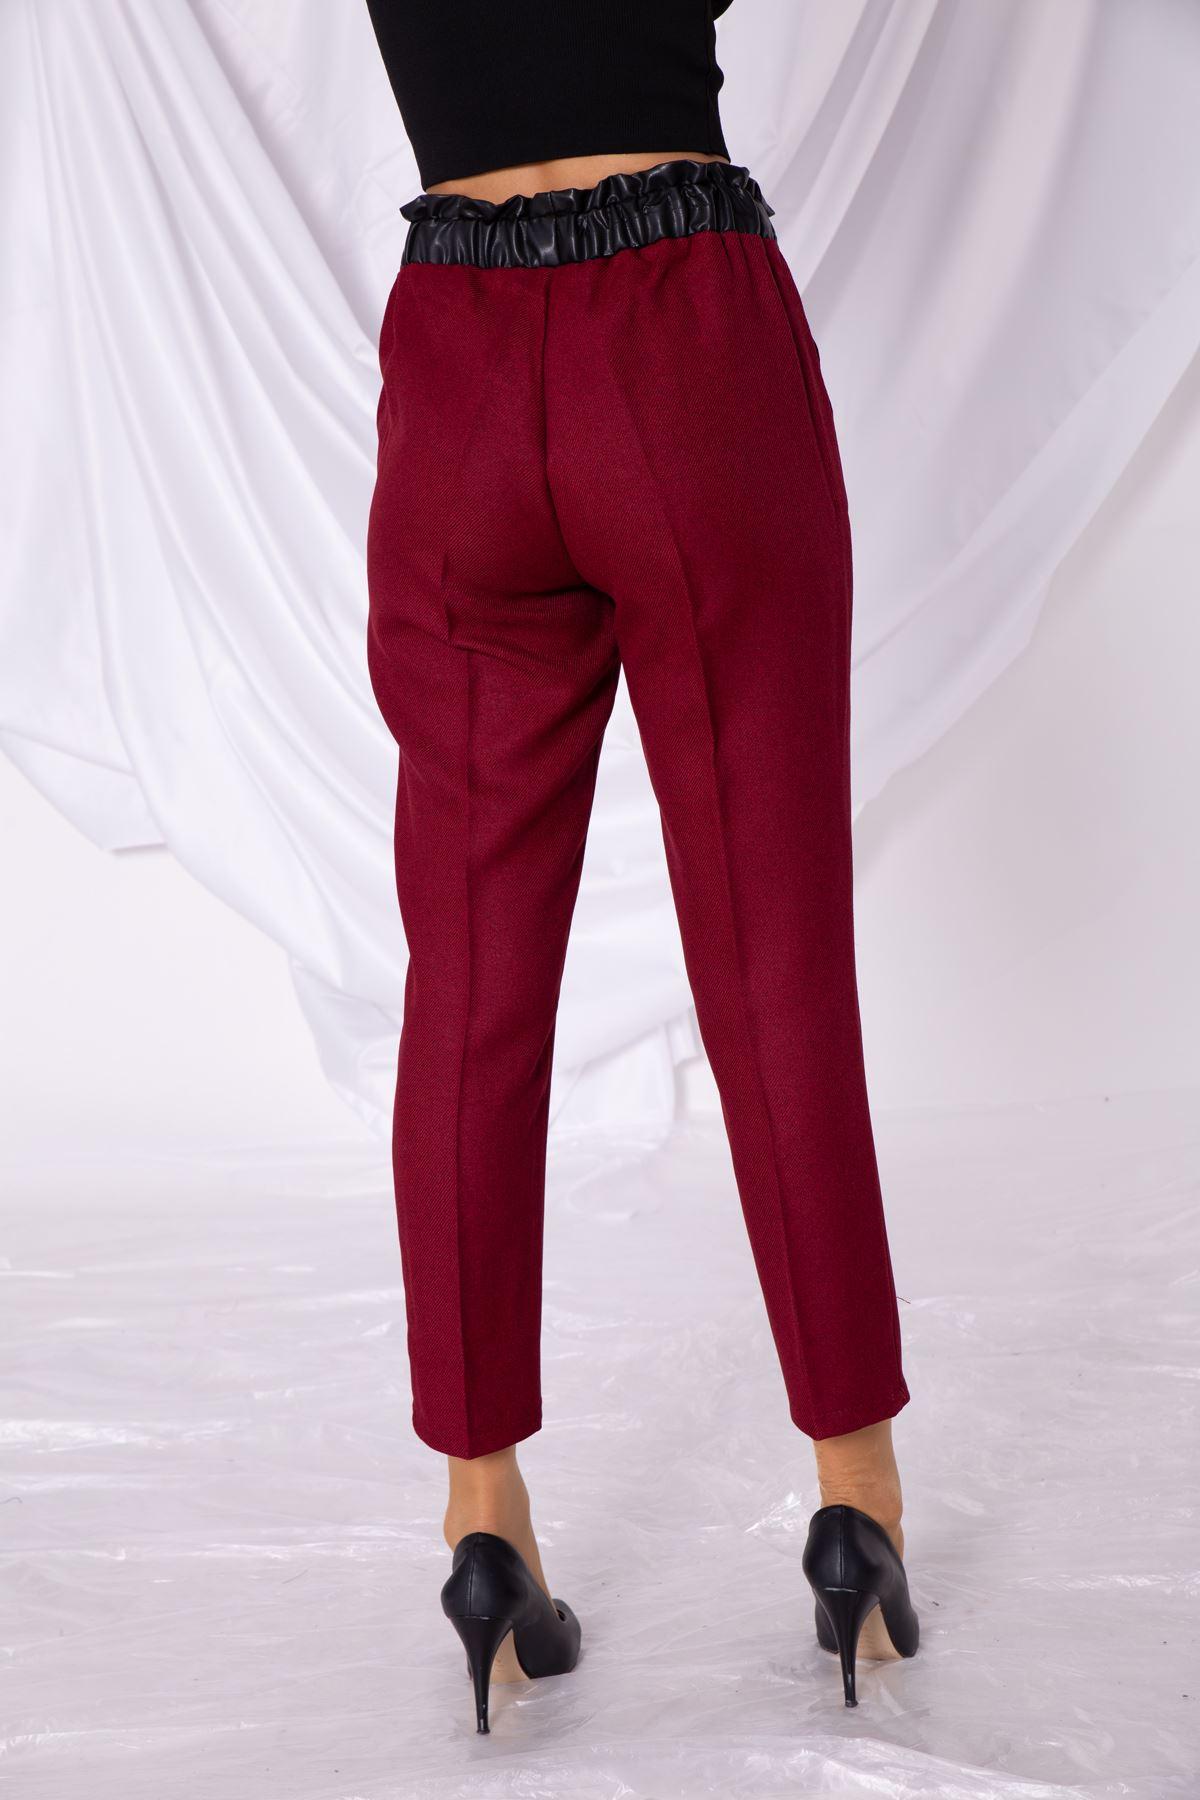 Kadın Bel Deri Lastik Detaylı Bordo Kumaş Pantolon